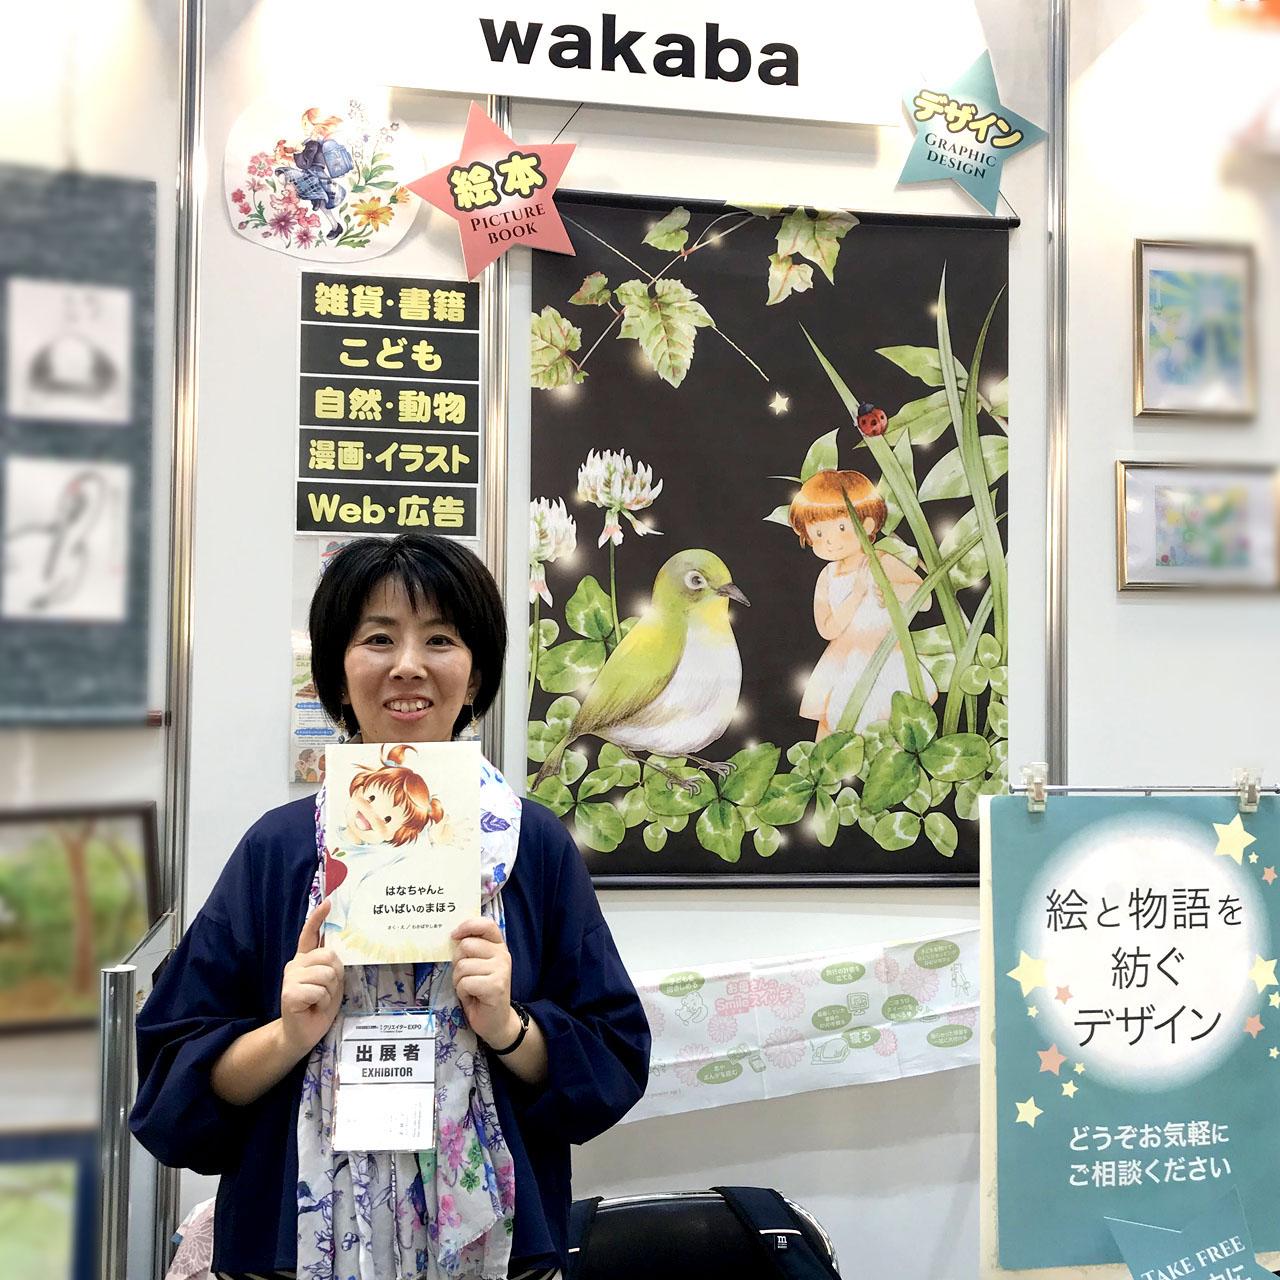 クリエイターEXPO:wakabaとブースレイアウト様子